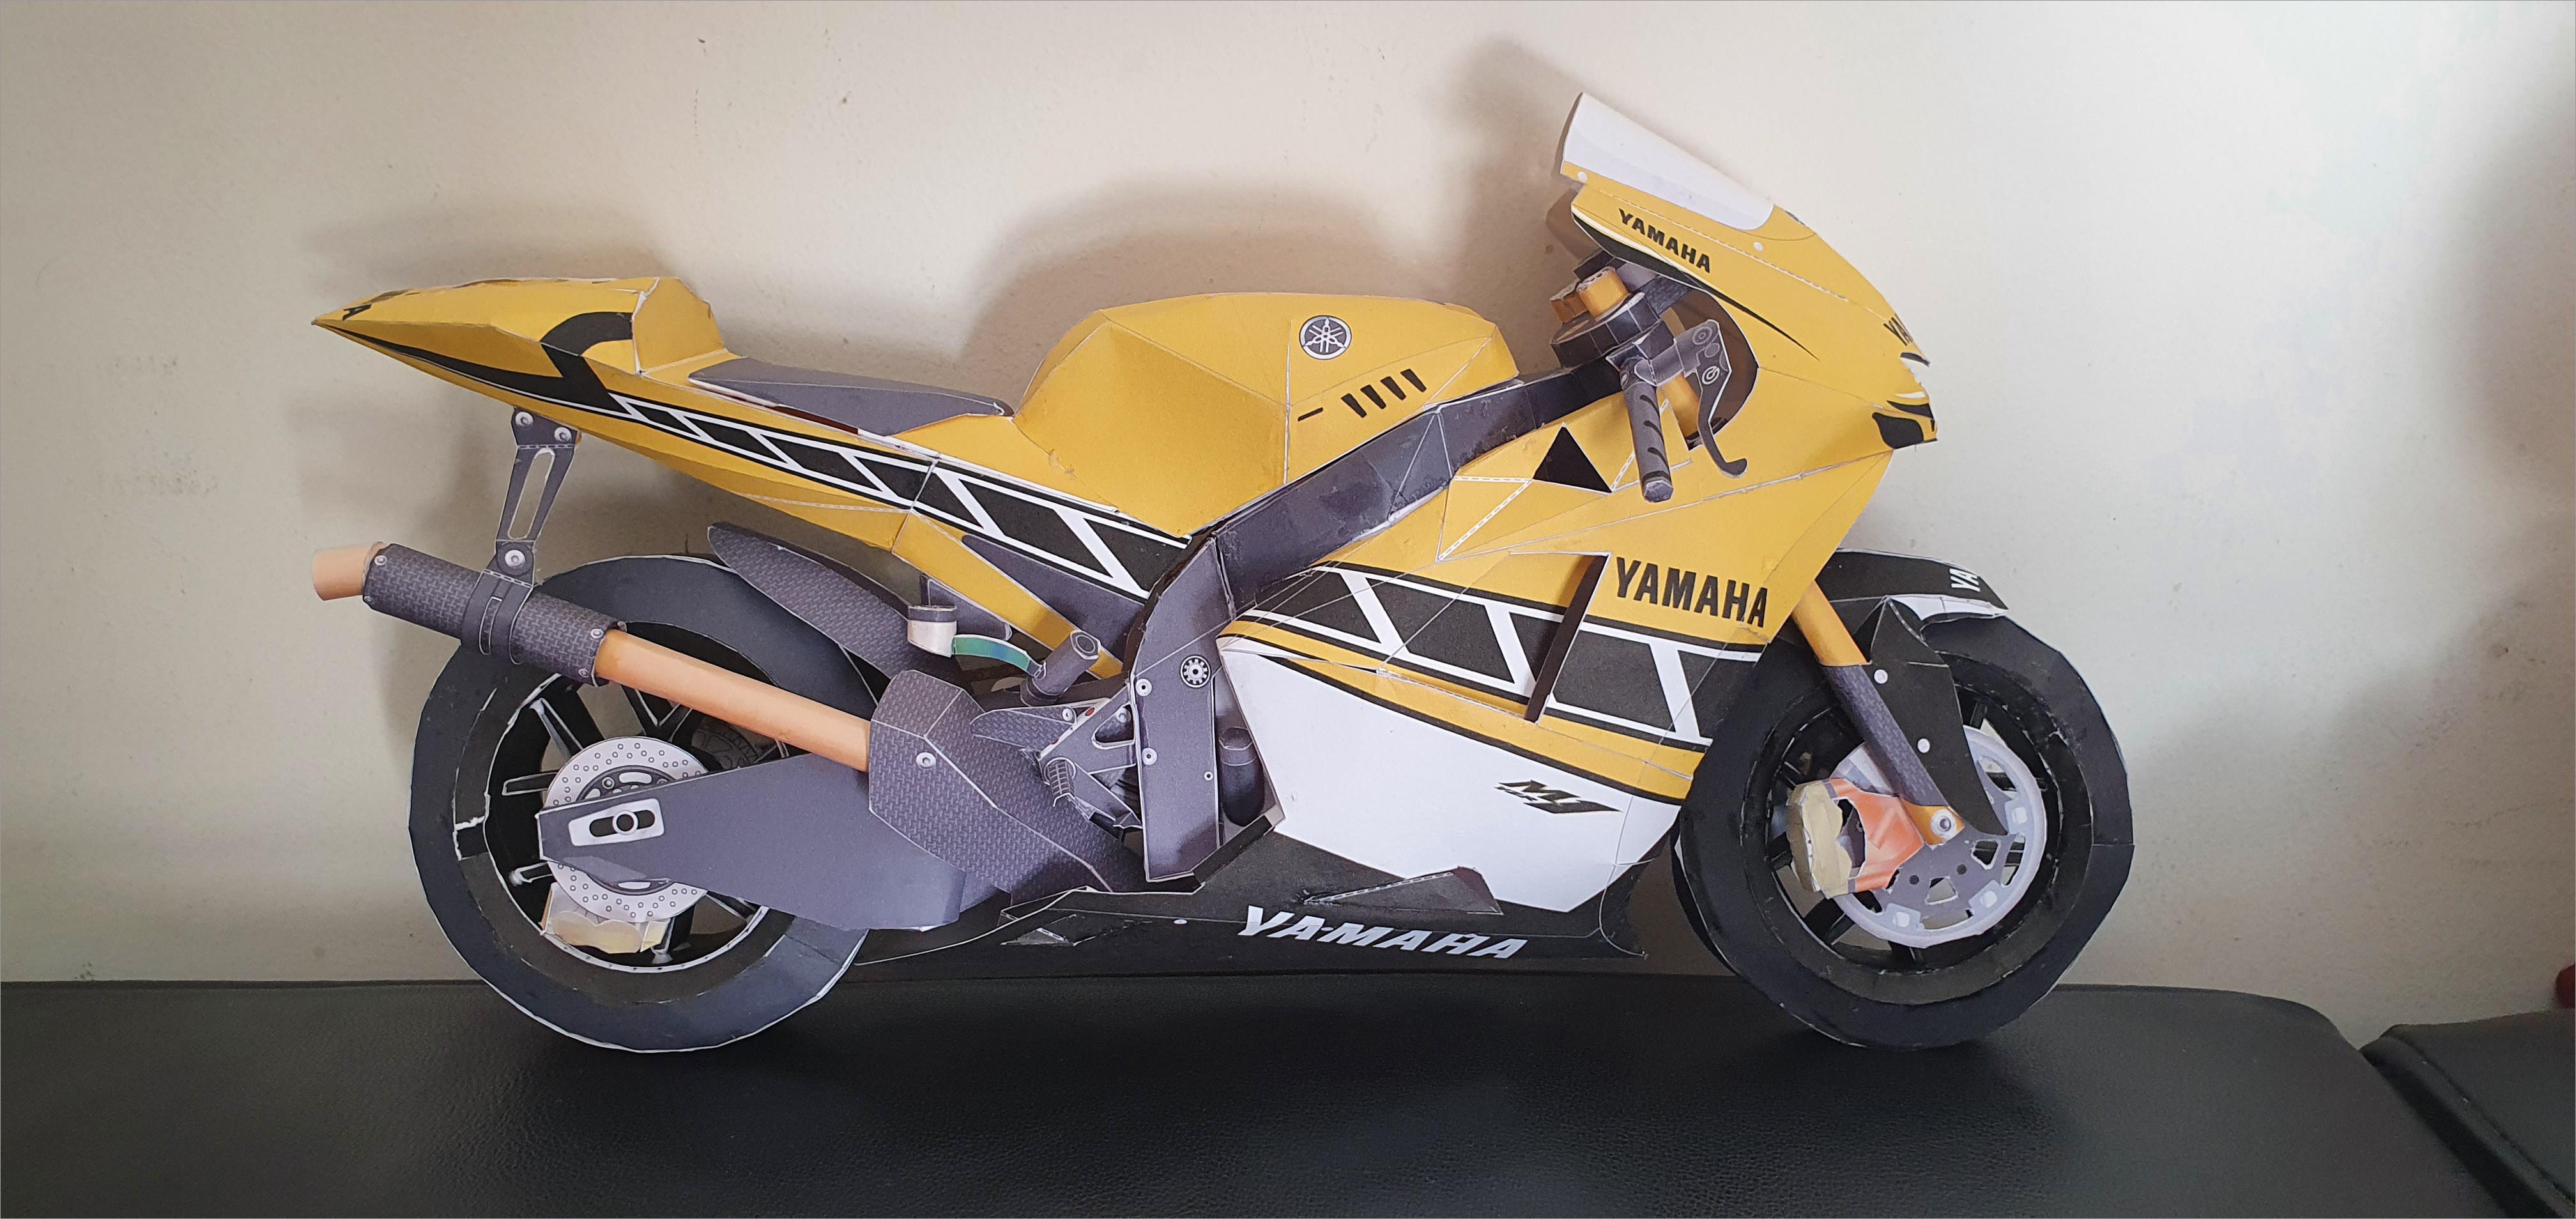 Motorcycle Papercraft Yamaha Yzr M1 Papercraft